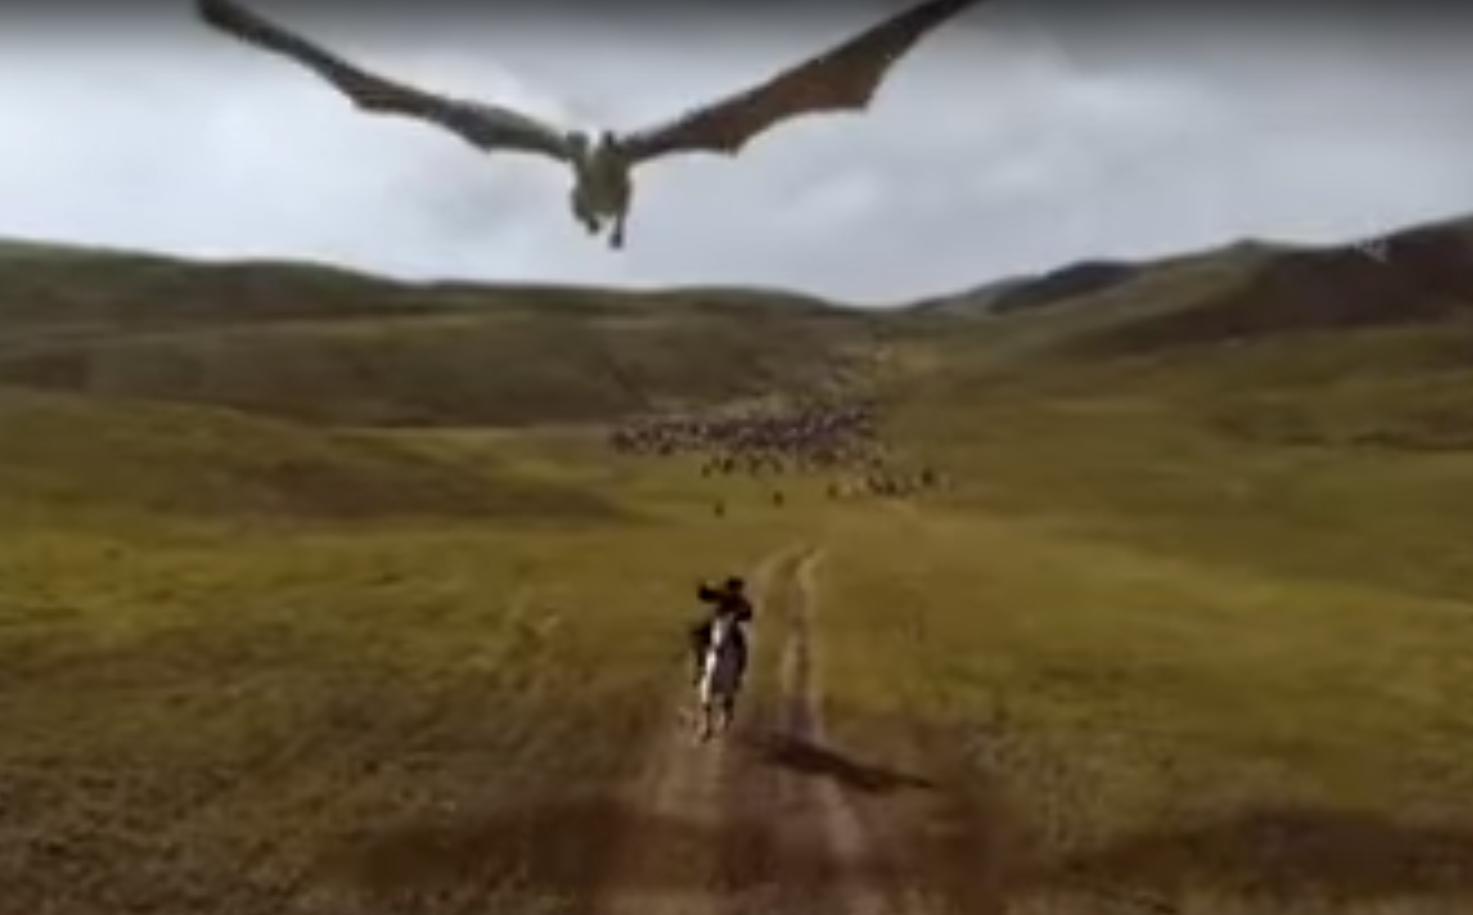 Apropiat de-ai lui Putin, într-o scenă cu dragoni din Game of Thrones. Cum a fost posibil